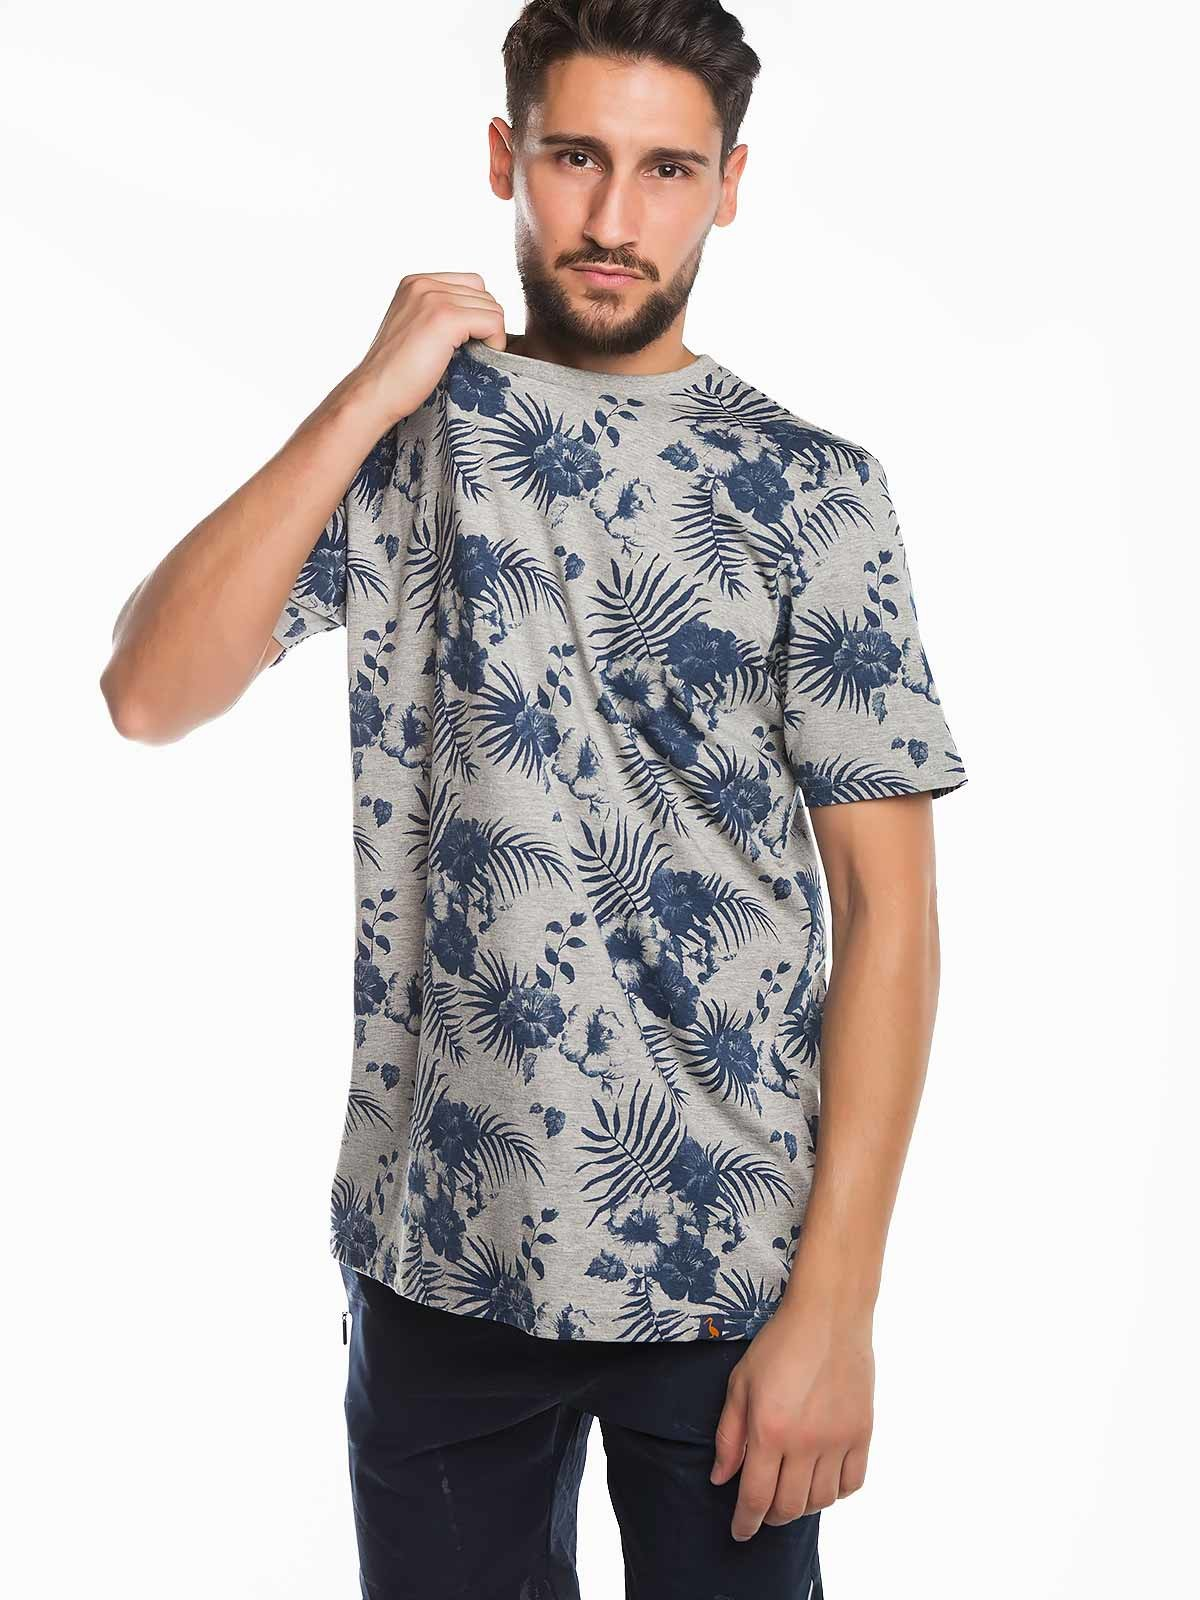 T-shirt homem com flores